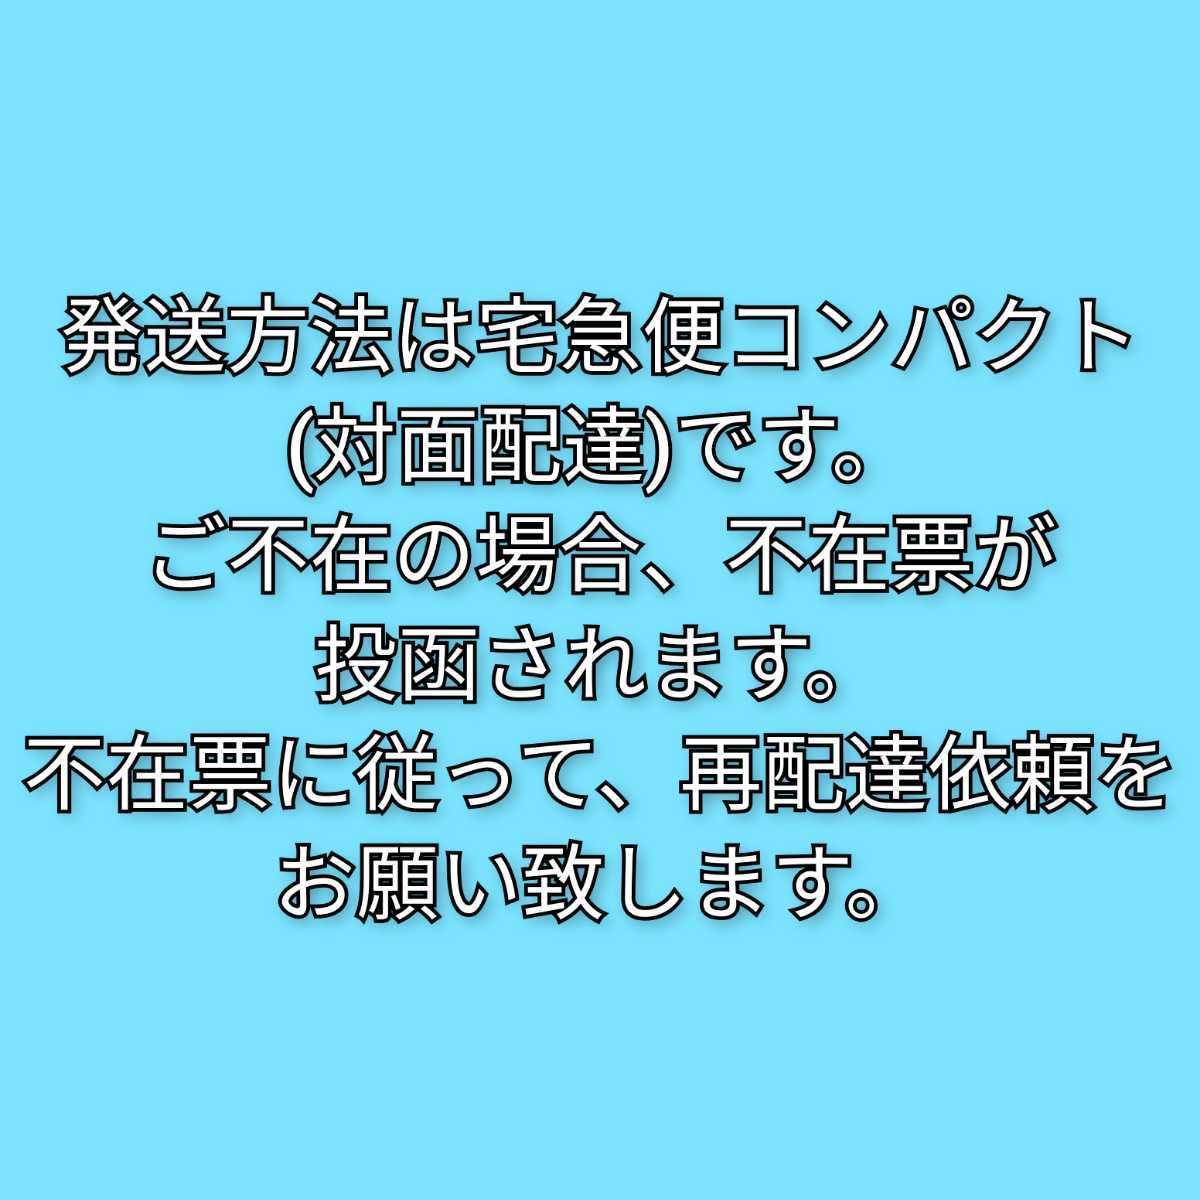 鶴屋吉信 柚餅 2箱セット 和菓子 お菓子_画像7